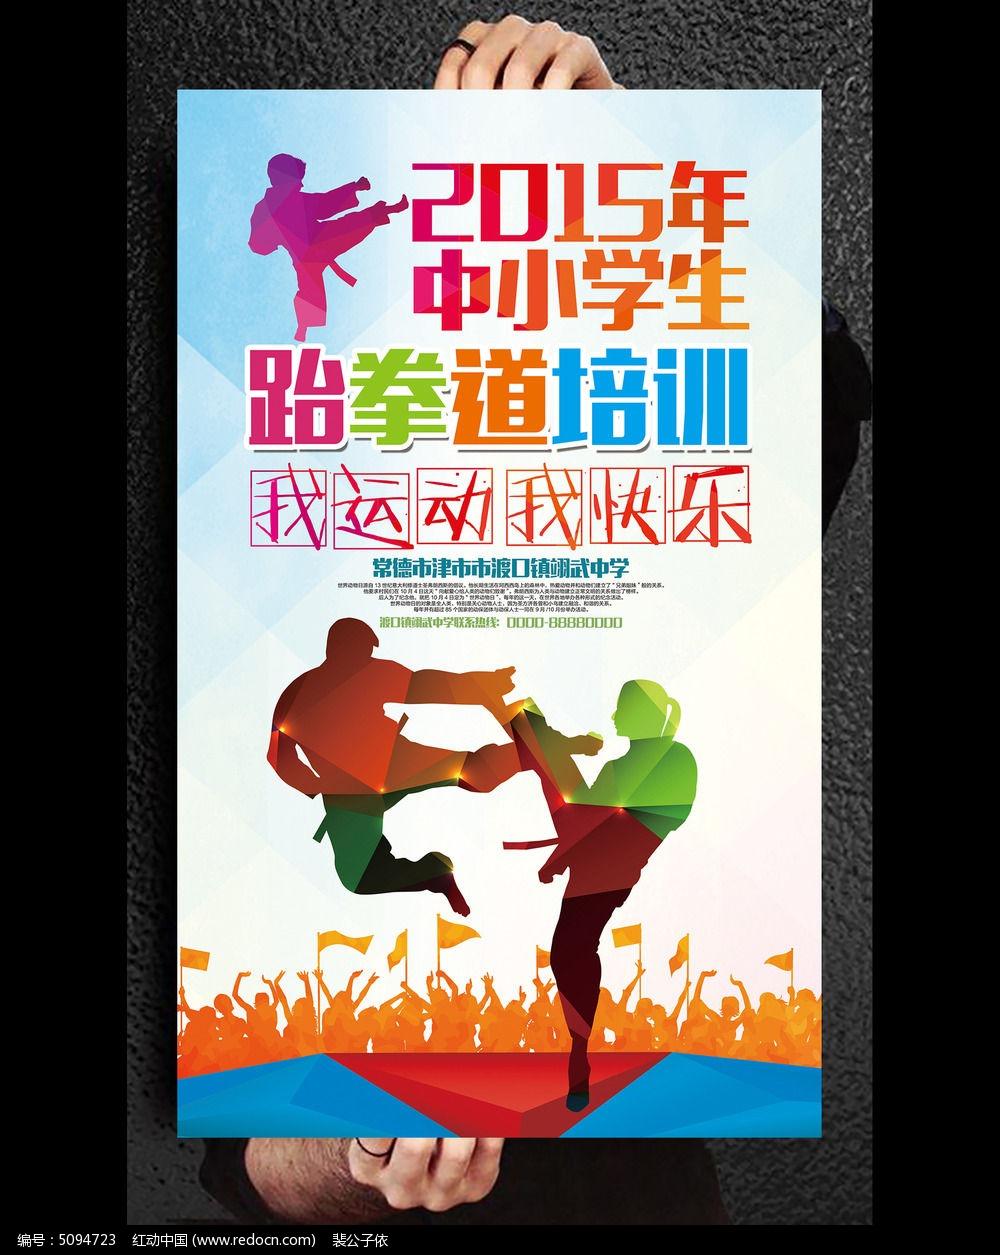 中小学生跆拳道比赛海报设计图片